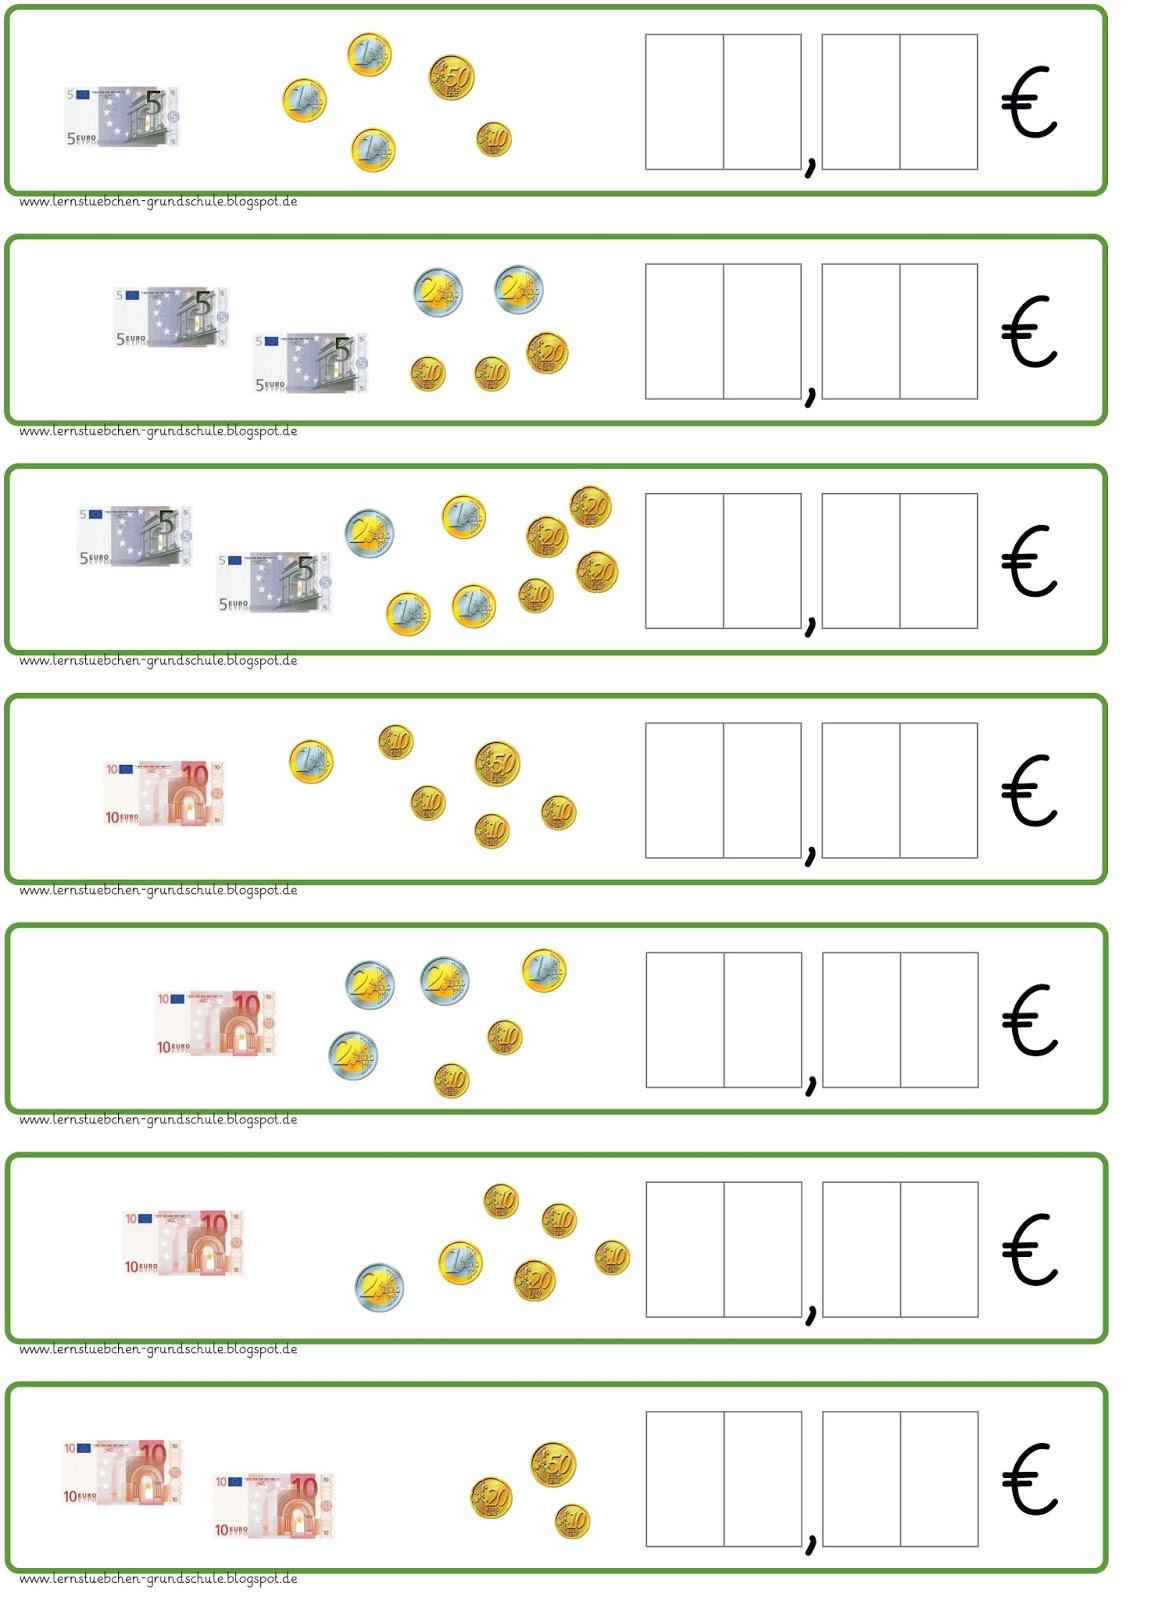 Arbeitsblatt Geldbeträge Runden : Lernstübchen geldbeträge und die kommaschreibweise